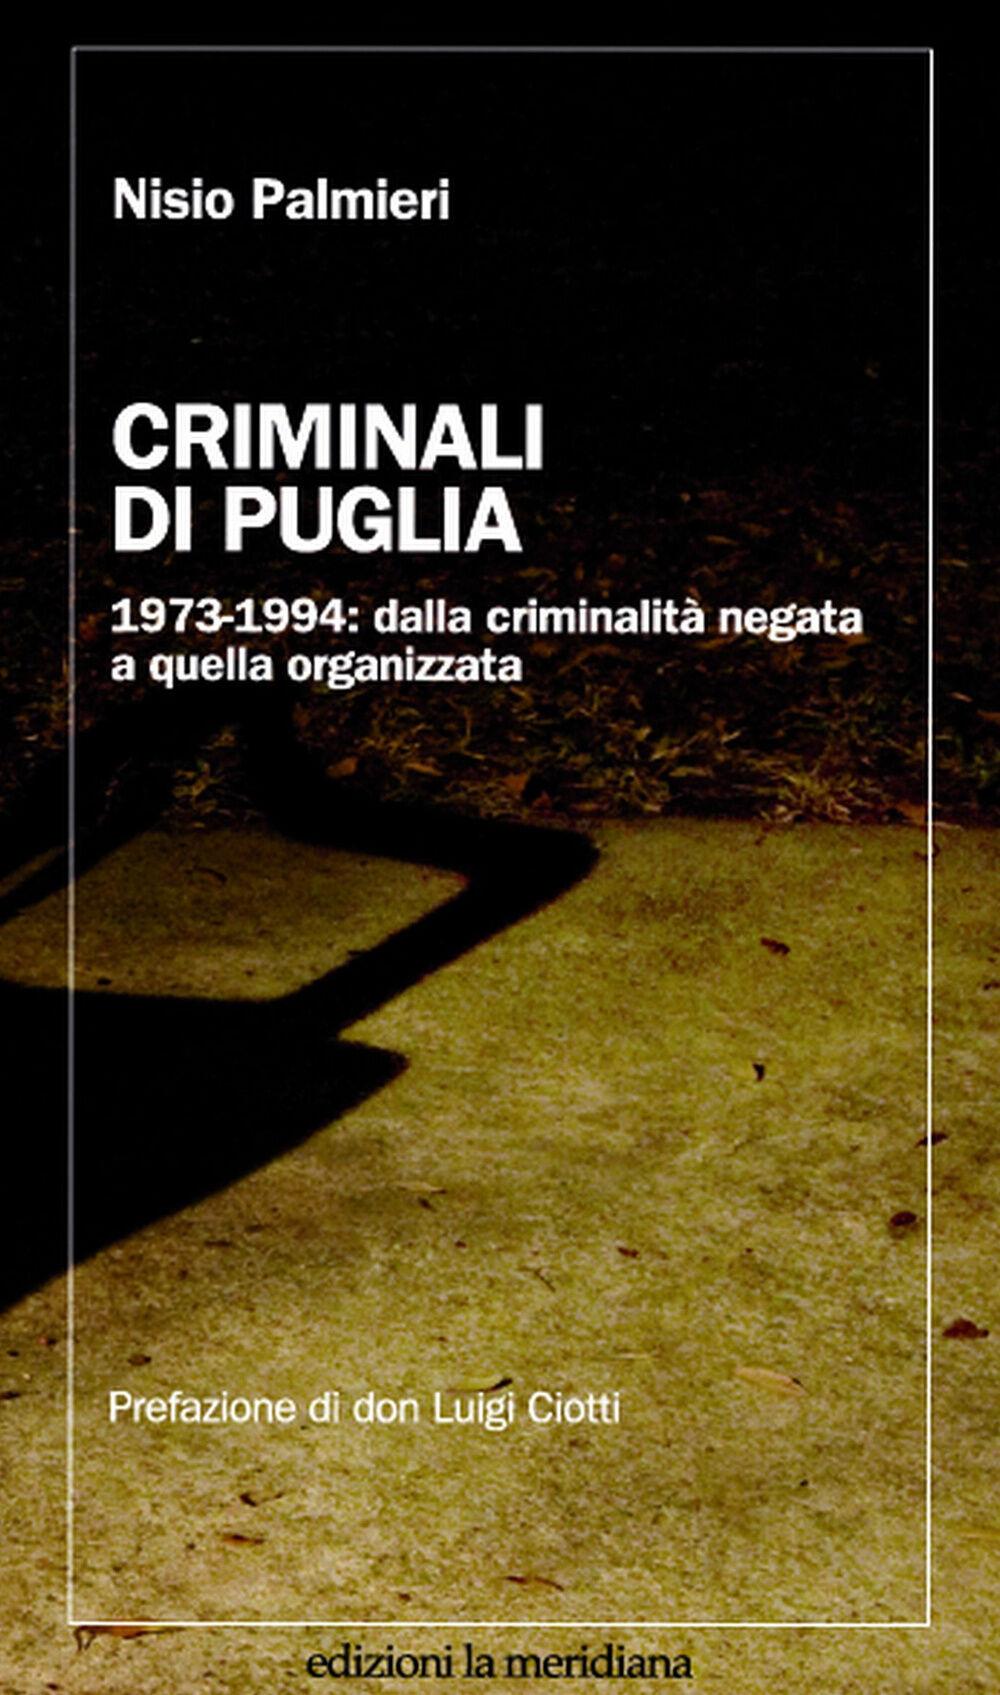 Criminali di Puglia. 1973-1994: dalla criminalità negata a quella organizzata